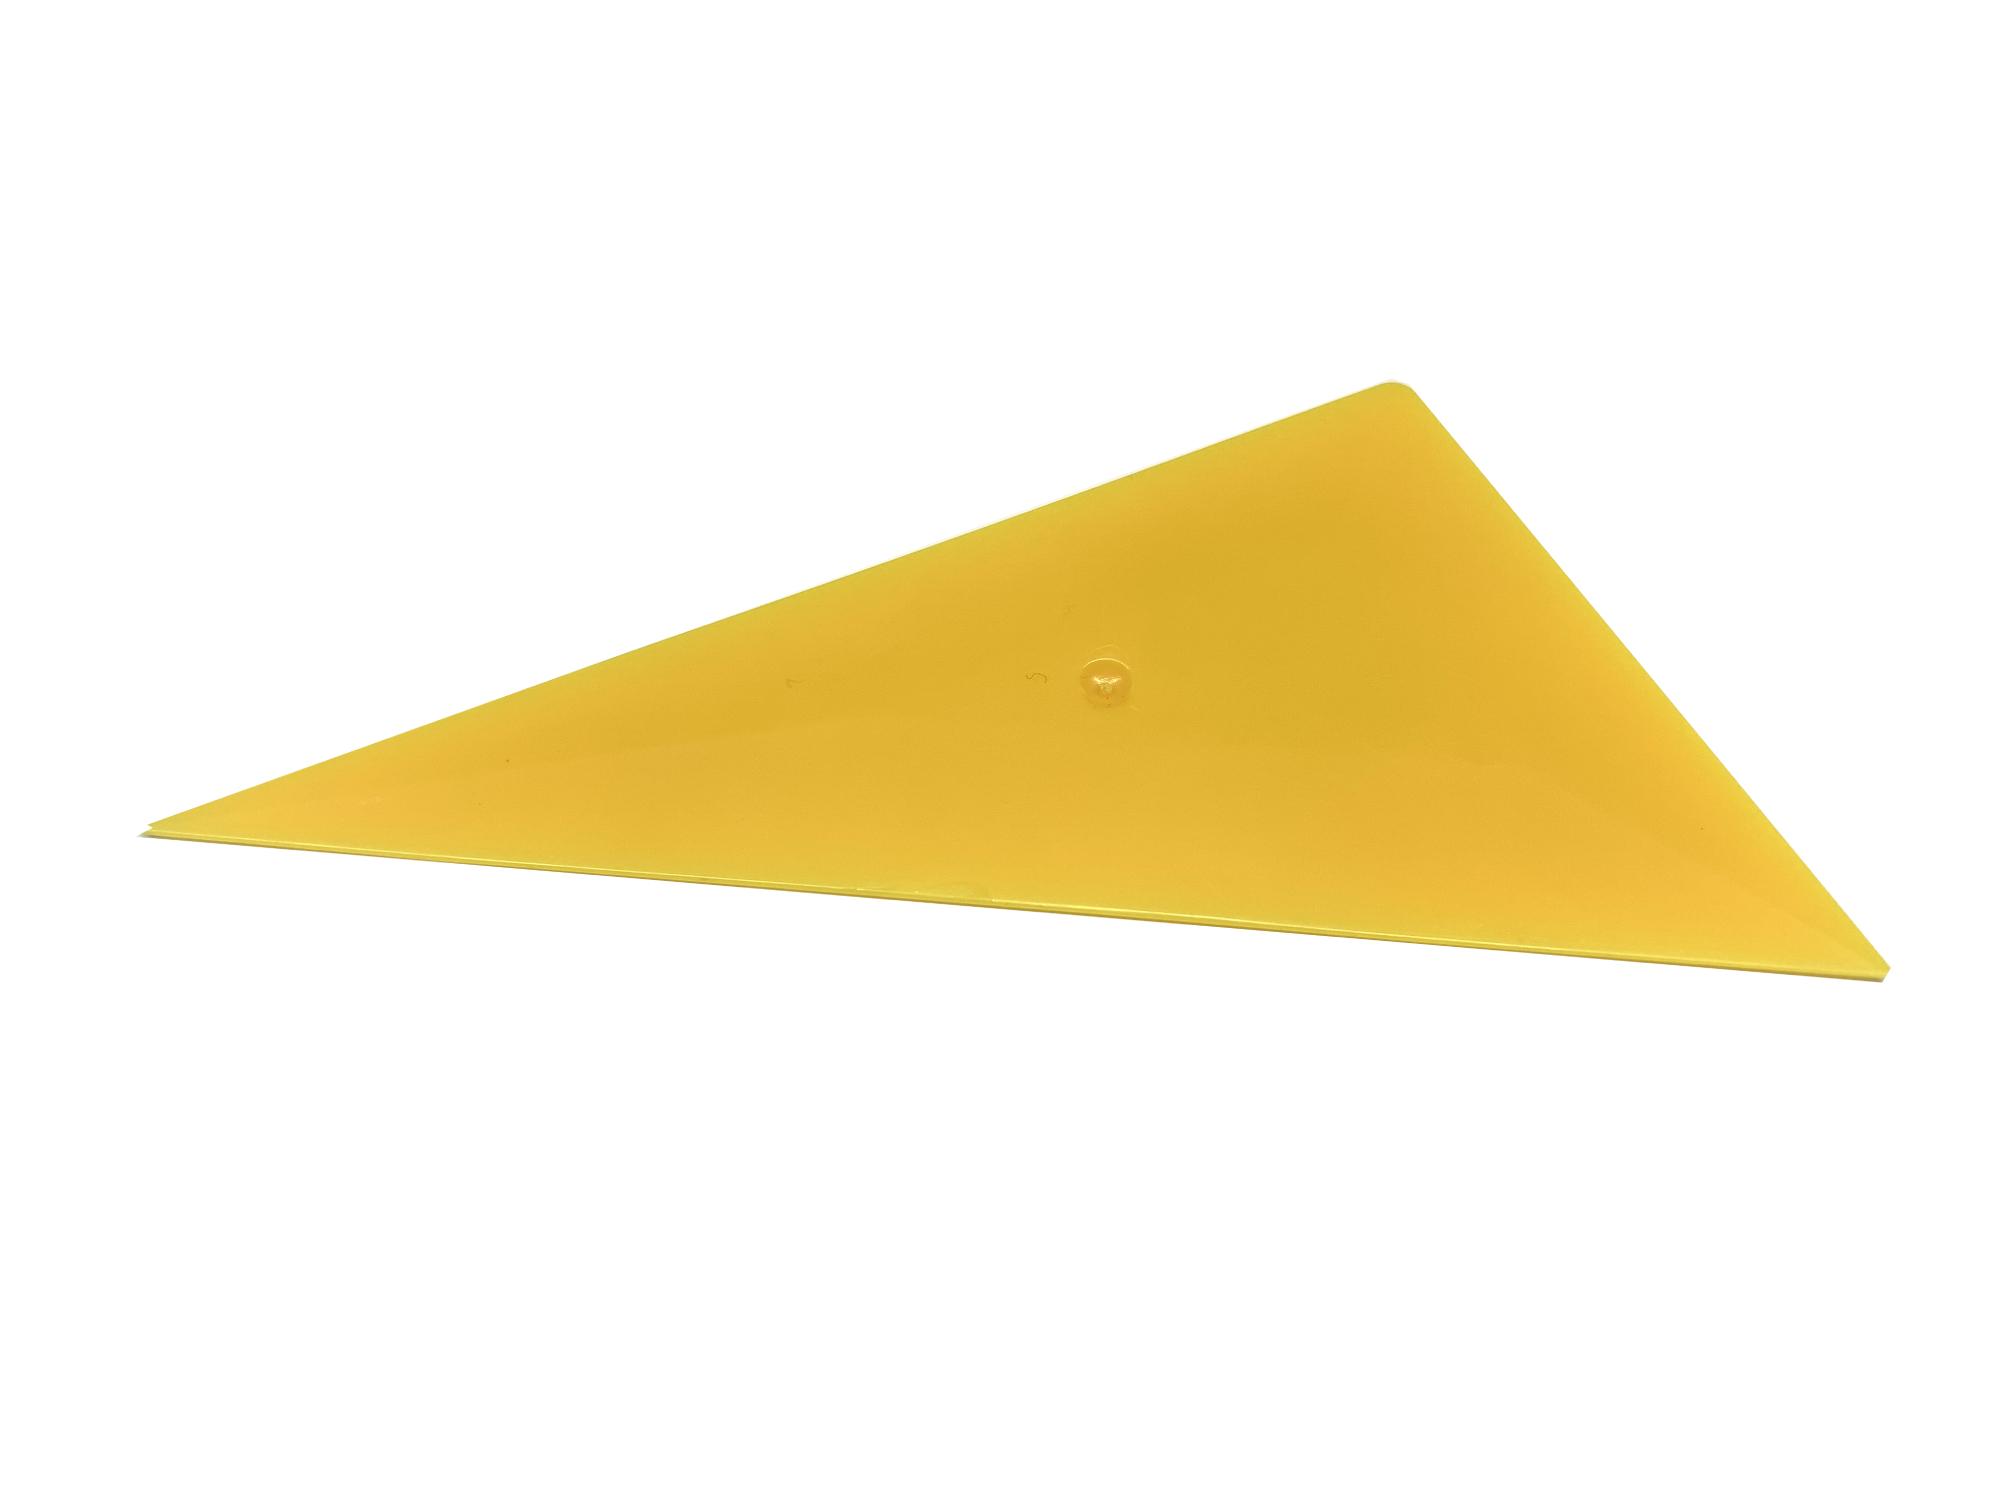 Желтый ракель треугольный